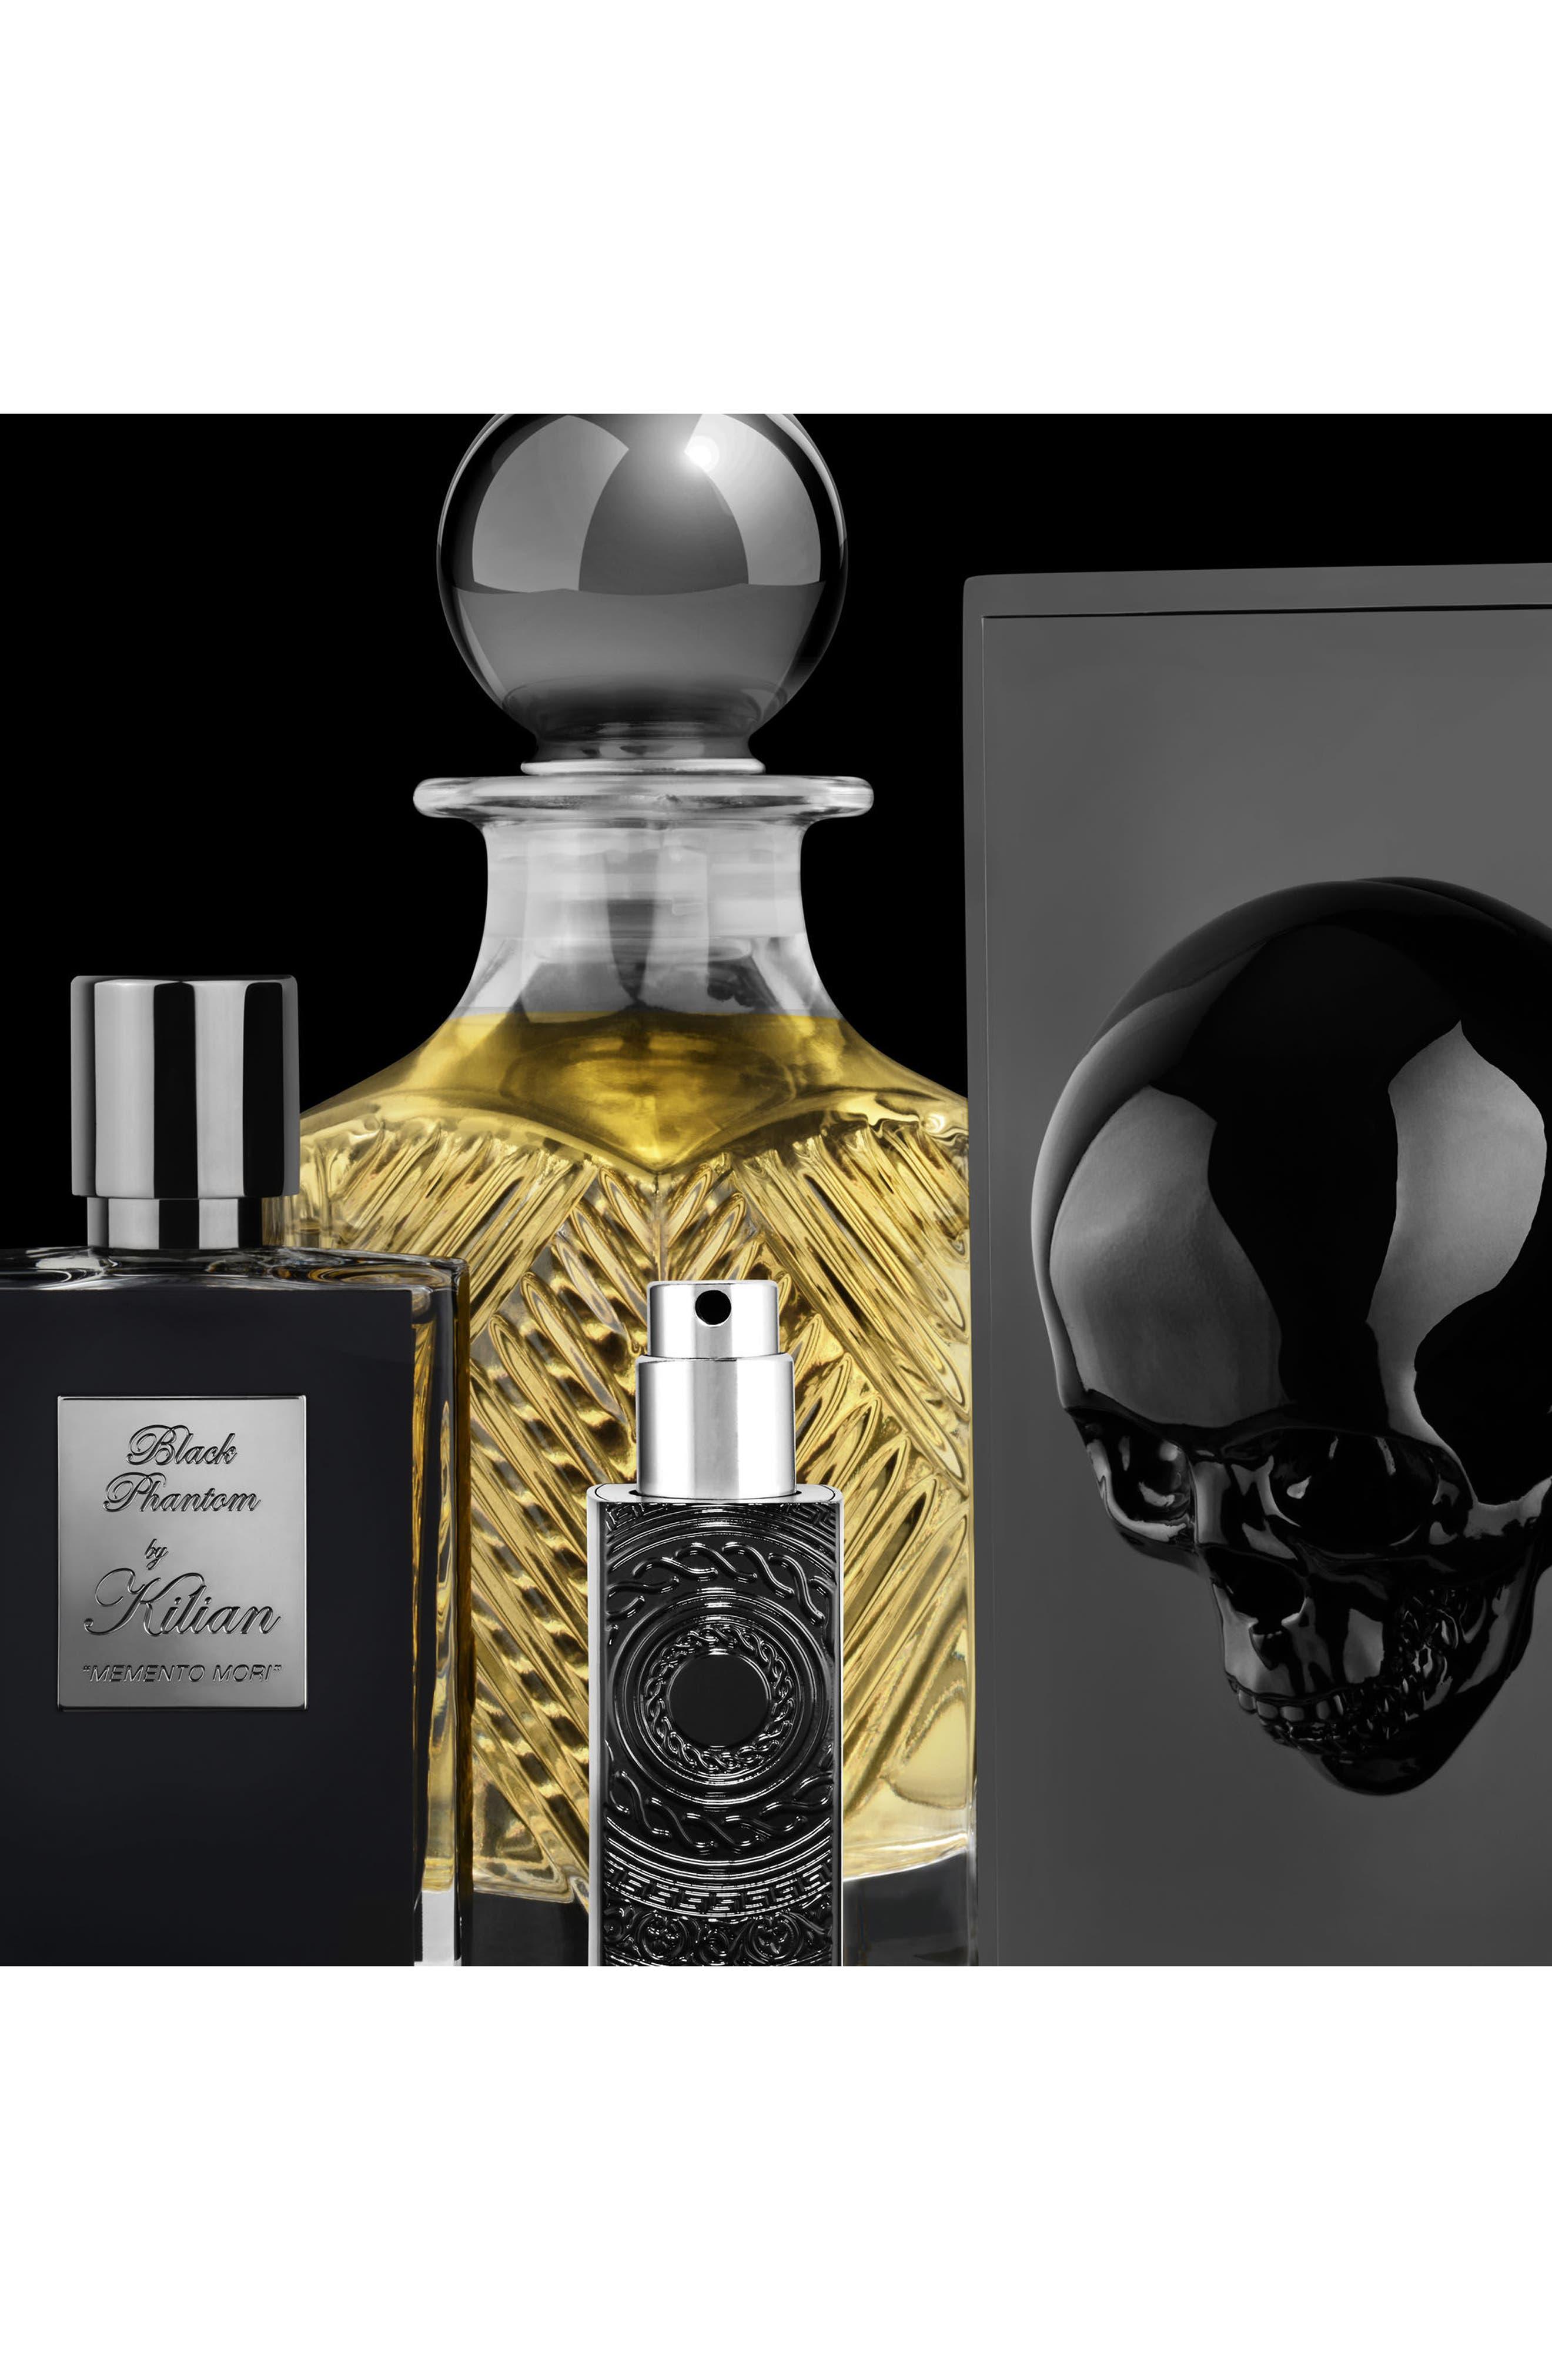 Black Phantom Memento Mori Eau de Parfum Travel Spray Set,                             Alternate thumbnail 4, color,                             No Color